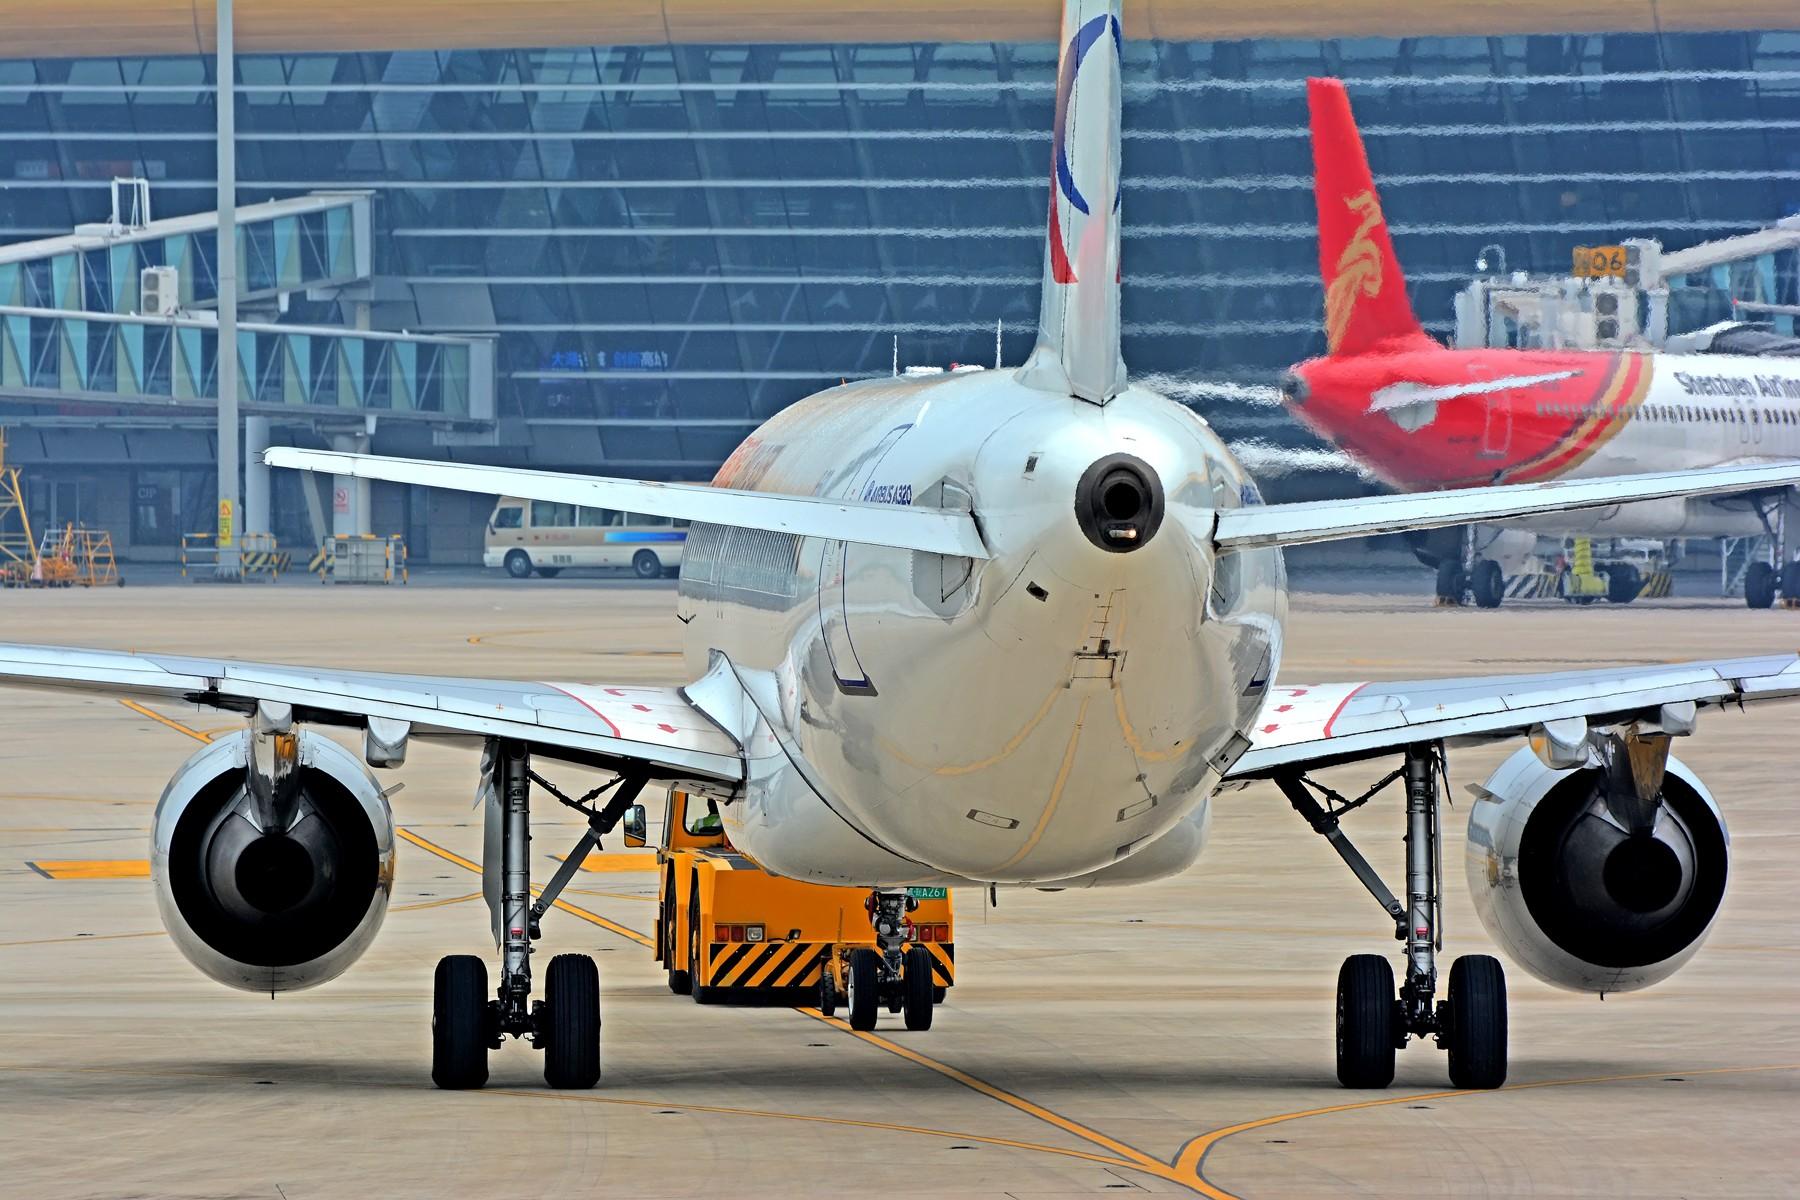 Re:[原创]【合肥飞友会·另类党】小燕子被拖车拖走了 AIRBUS A320-200 B-1610 中国合肥新桥国际机场